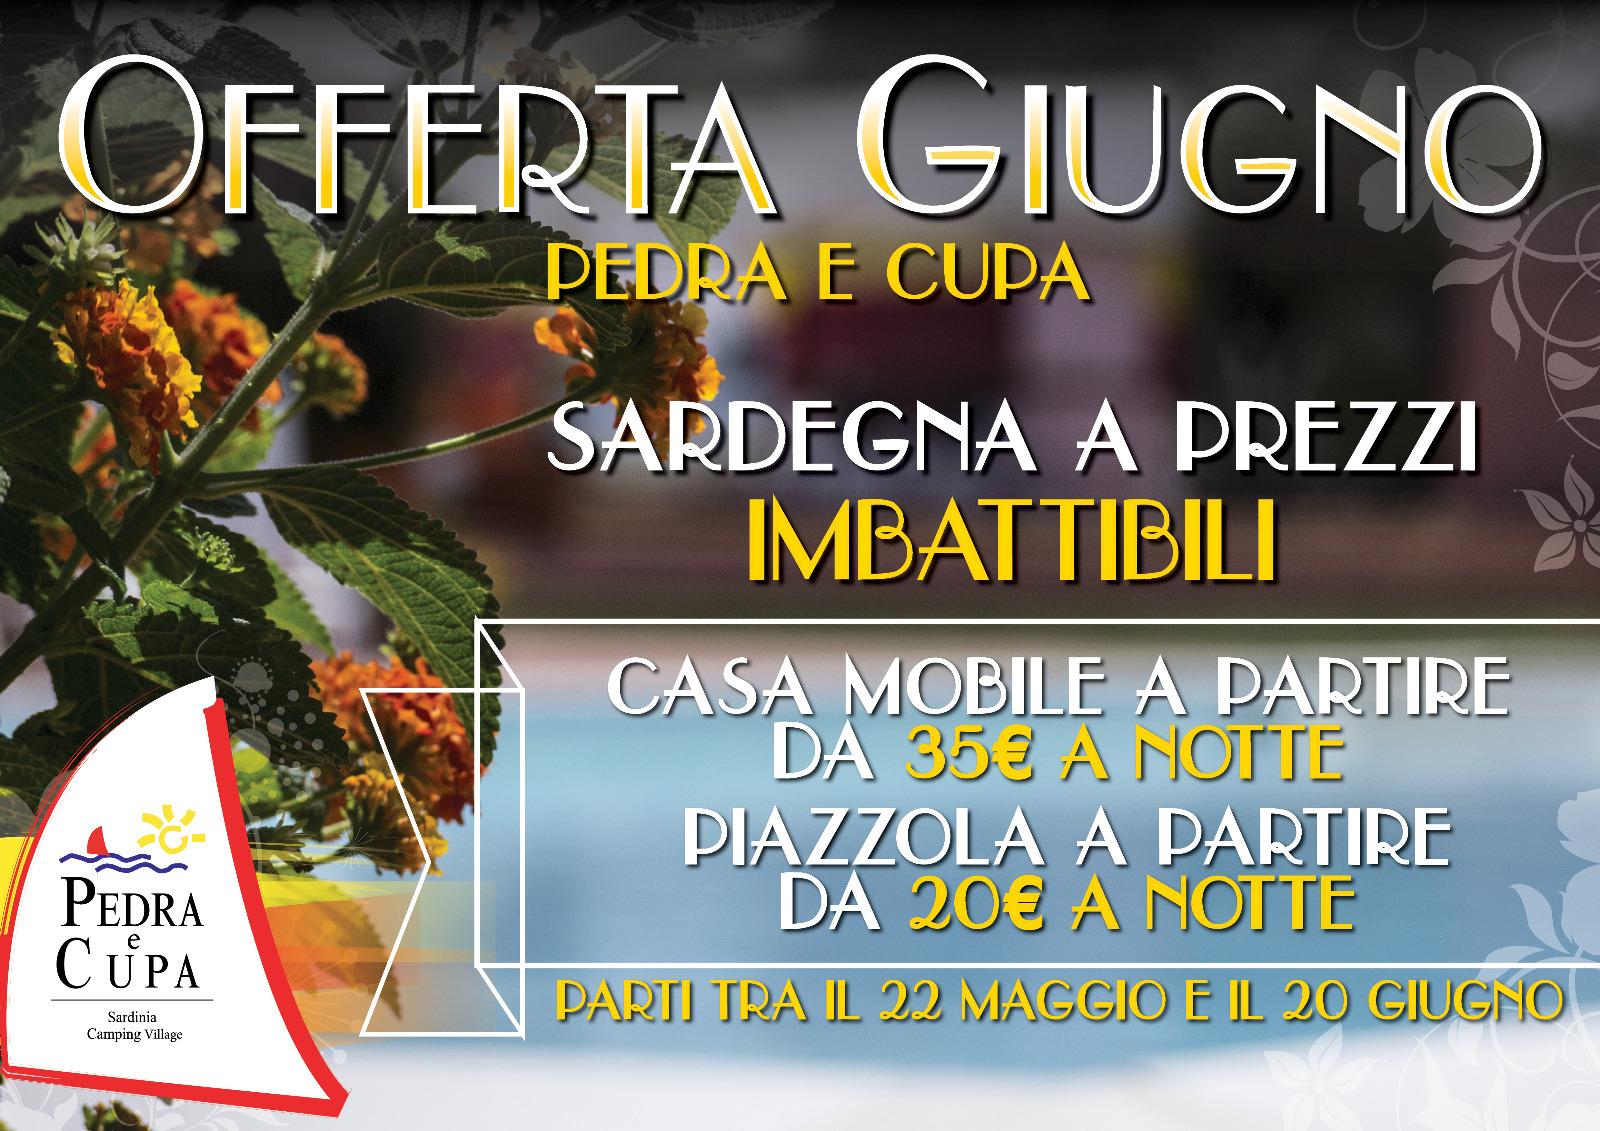 Offerta Last Minute Maggio/Giugno